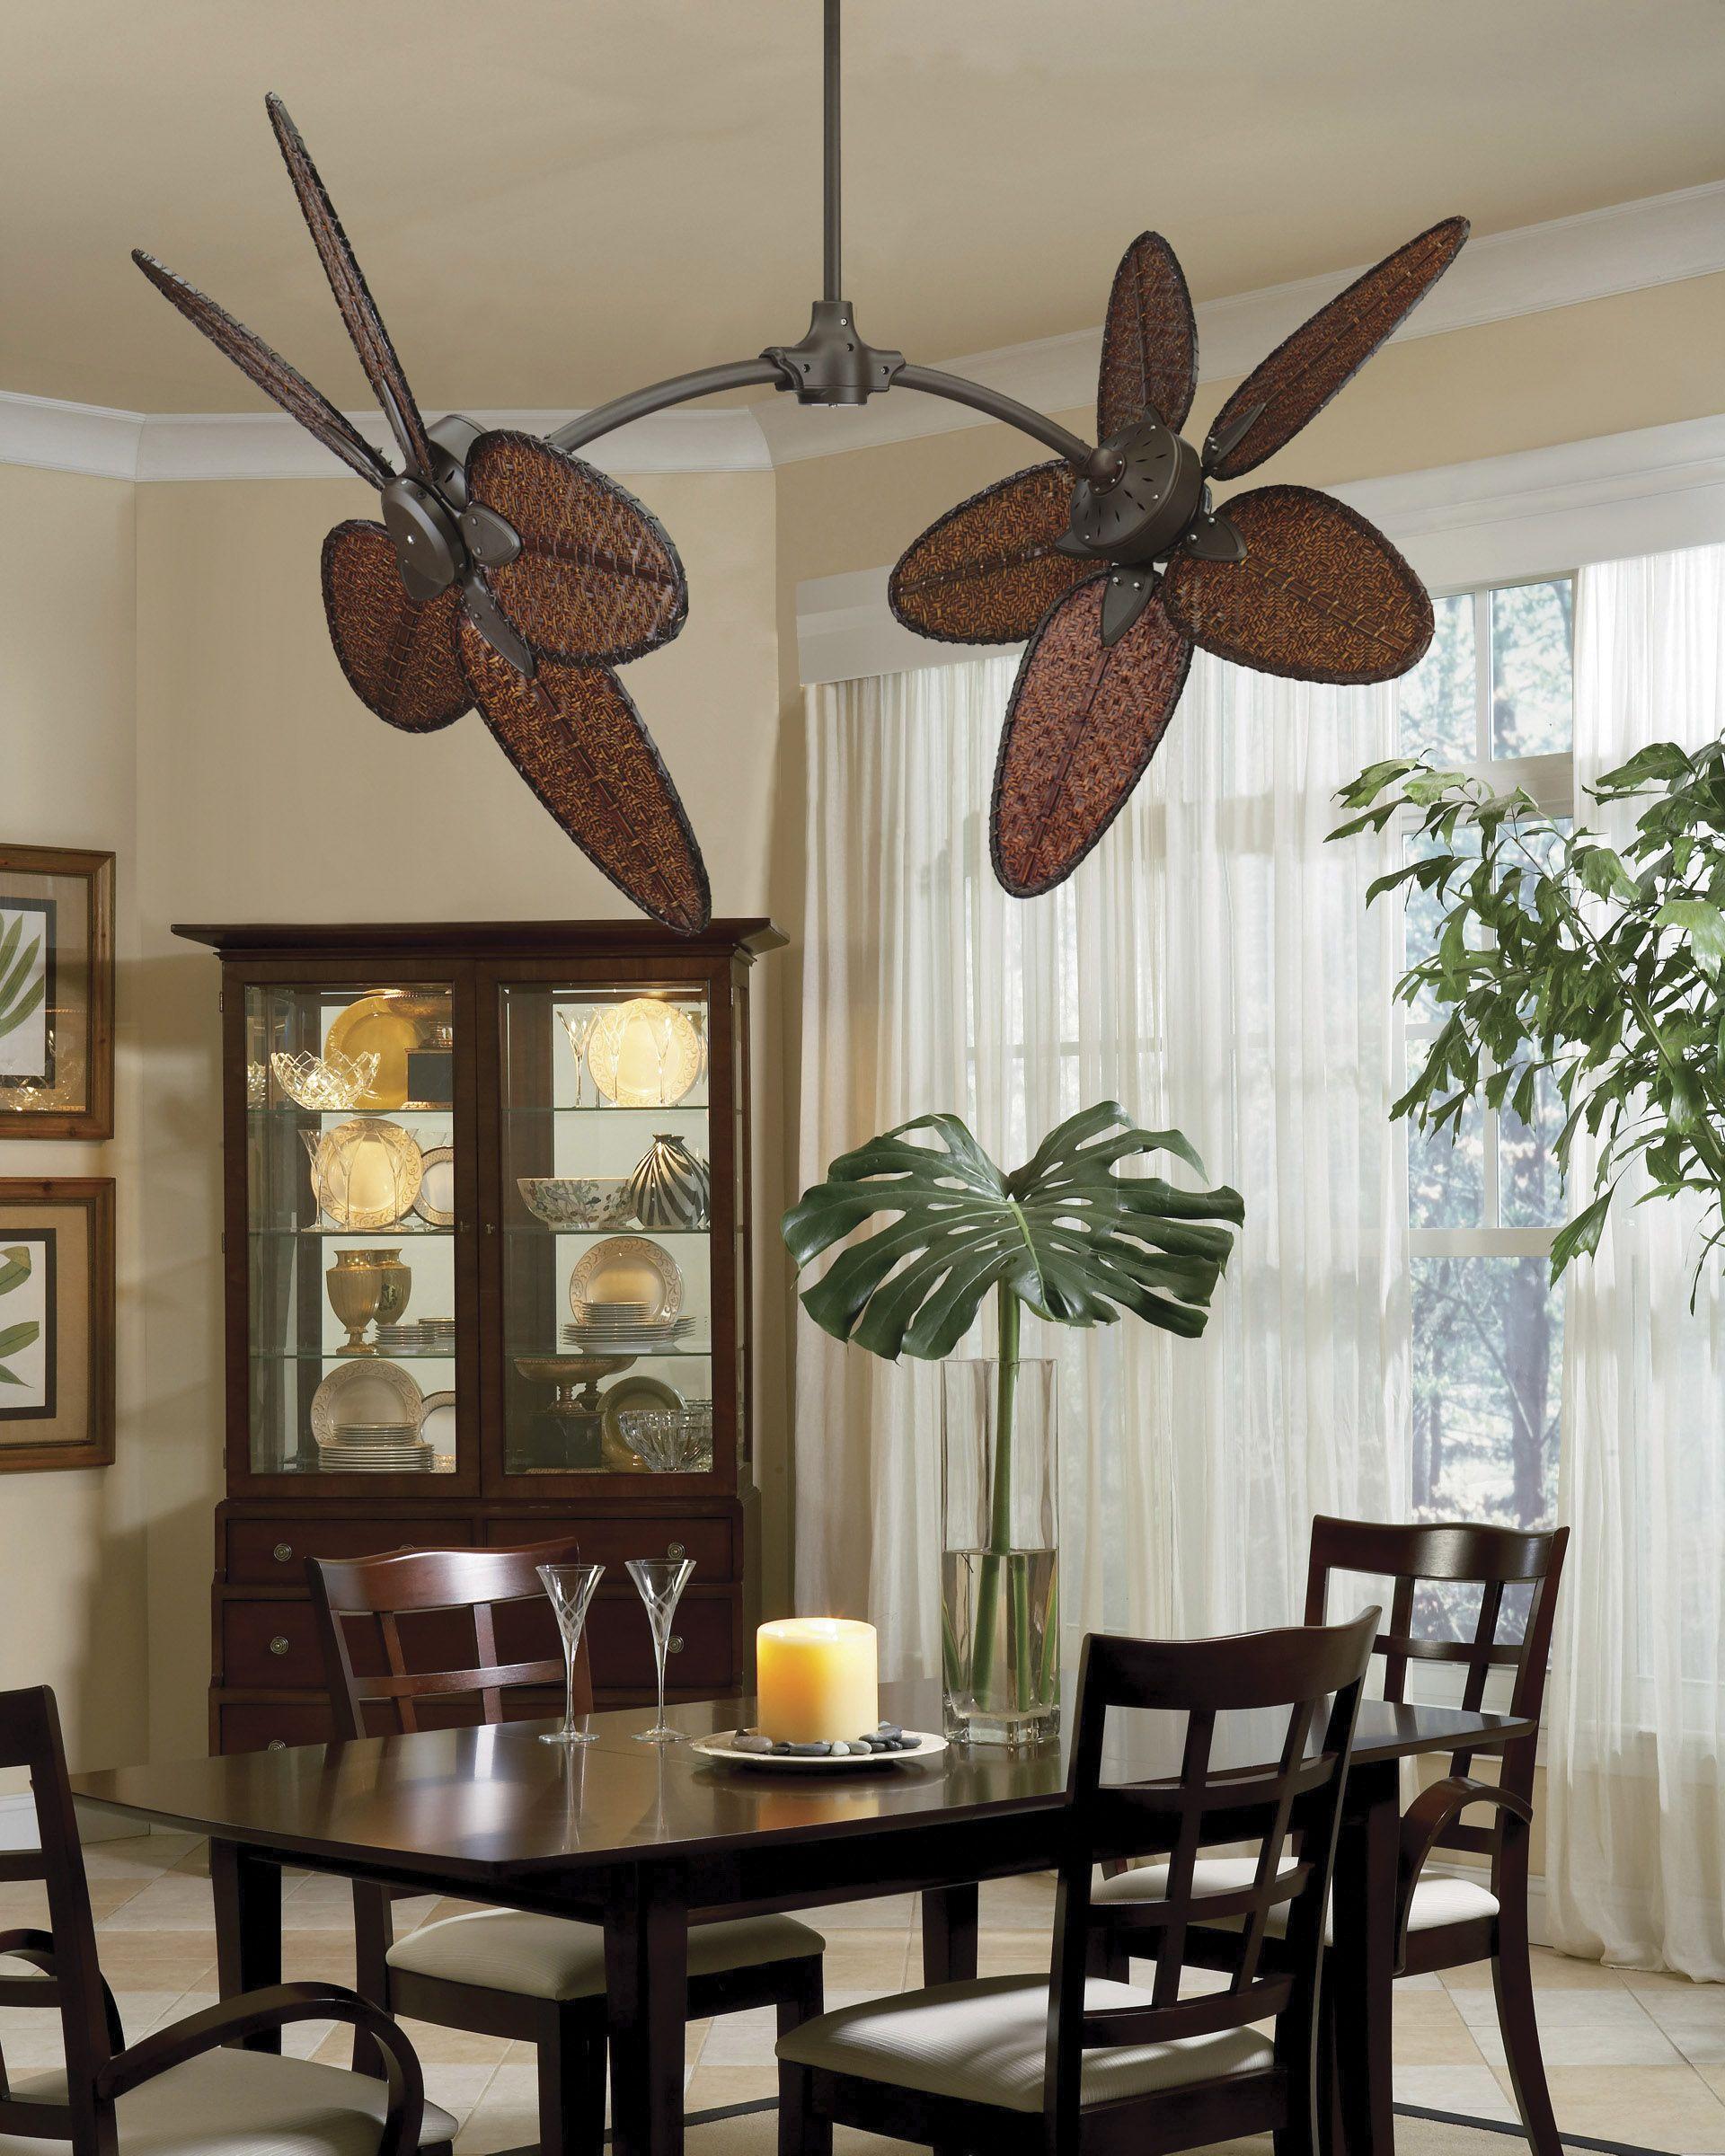 Fanimation Fp7000ob Caruso 44 Inch Oil Rubbed Bronze Ceiling Fan